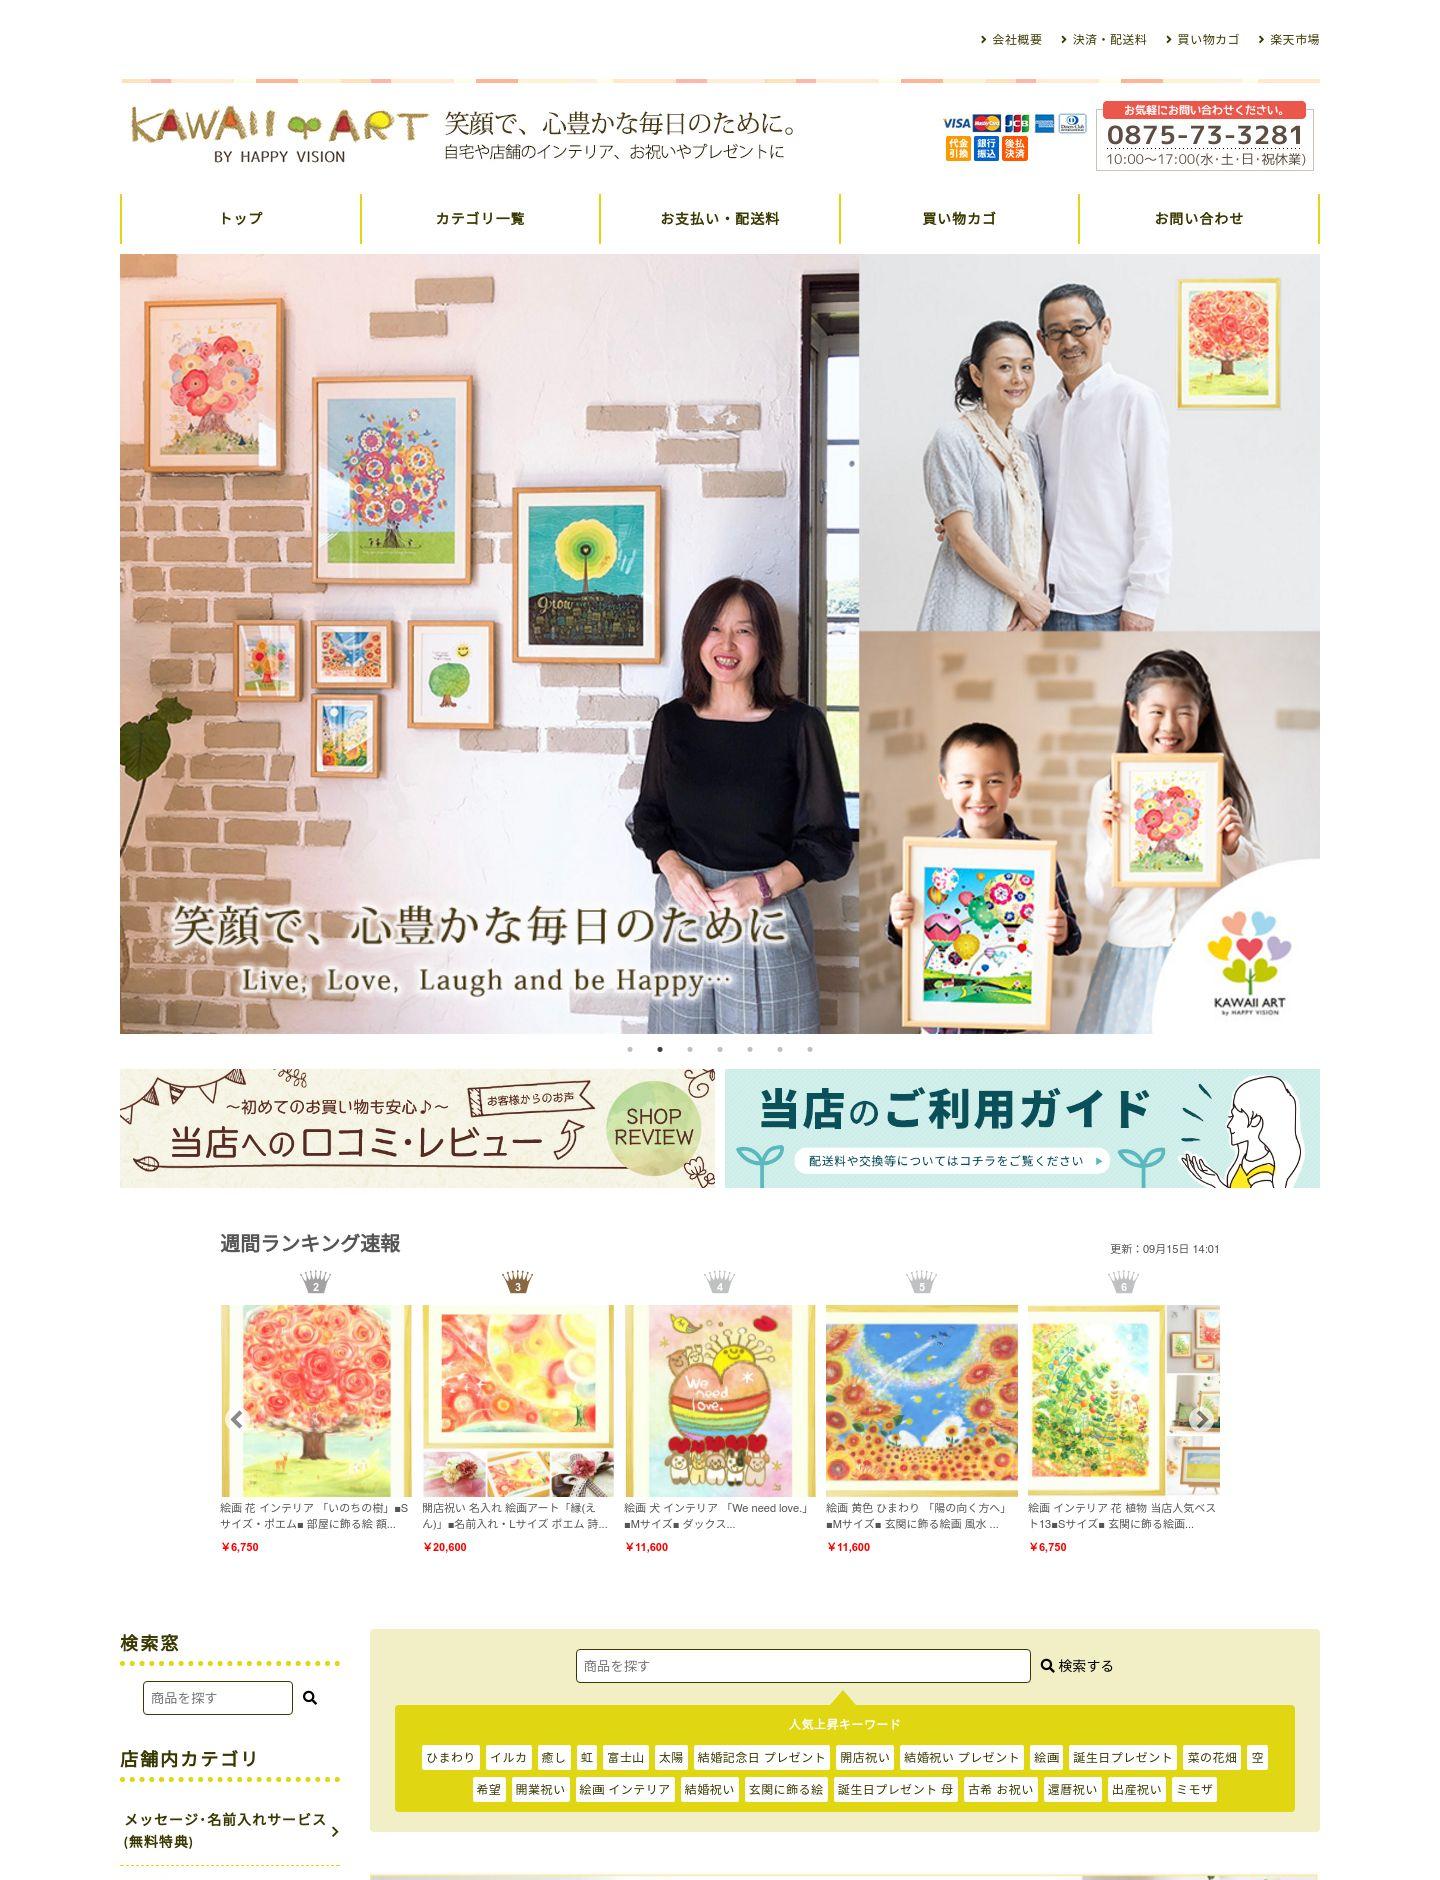 絵画インテリア・贈り物 KawaiiArt様 サイト画像